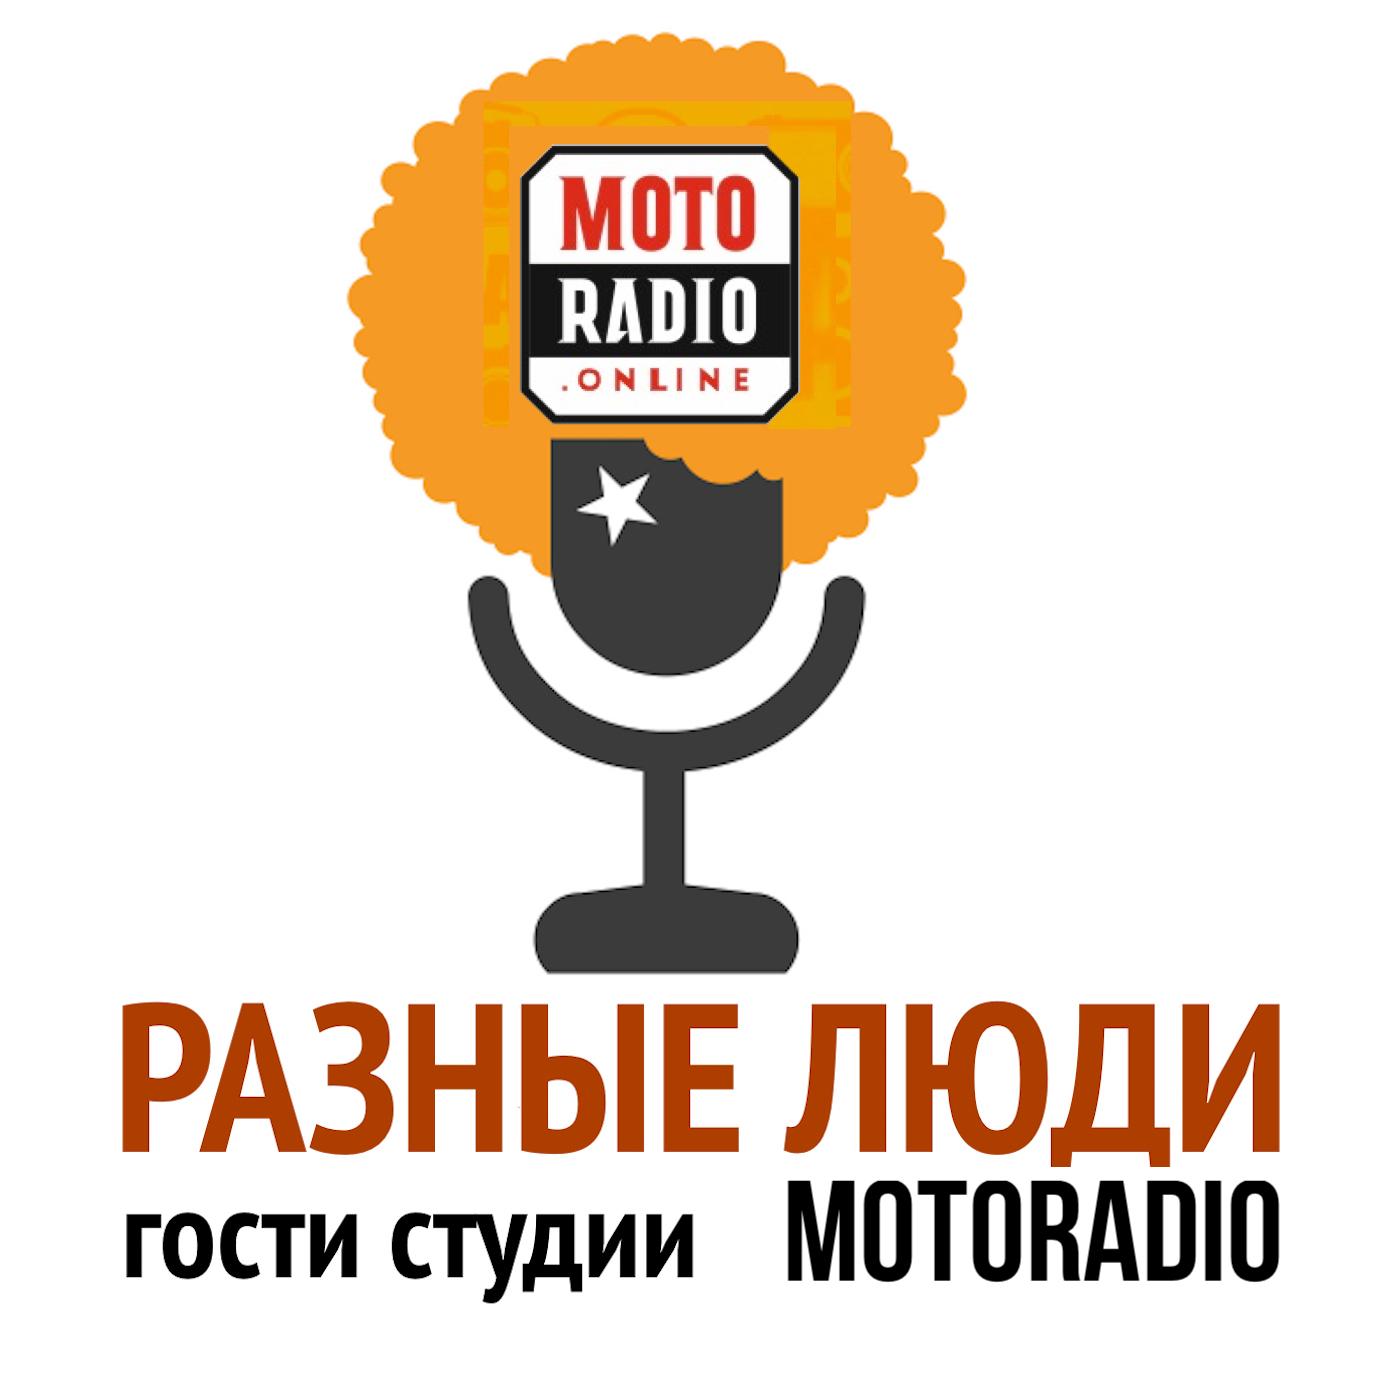 Моторадио Писатель-фантаст Ник Перумов дал интервью радиостанции Imagine Radio ник перумов исправленному верить сборник